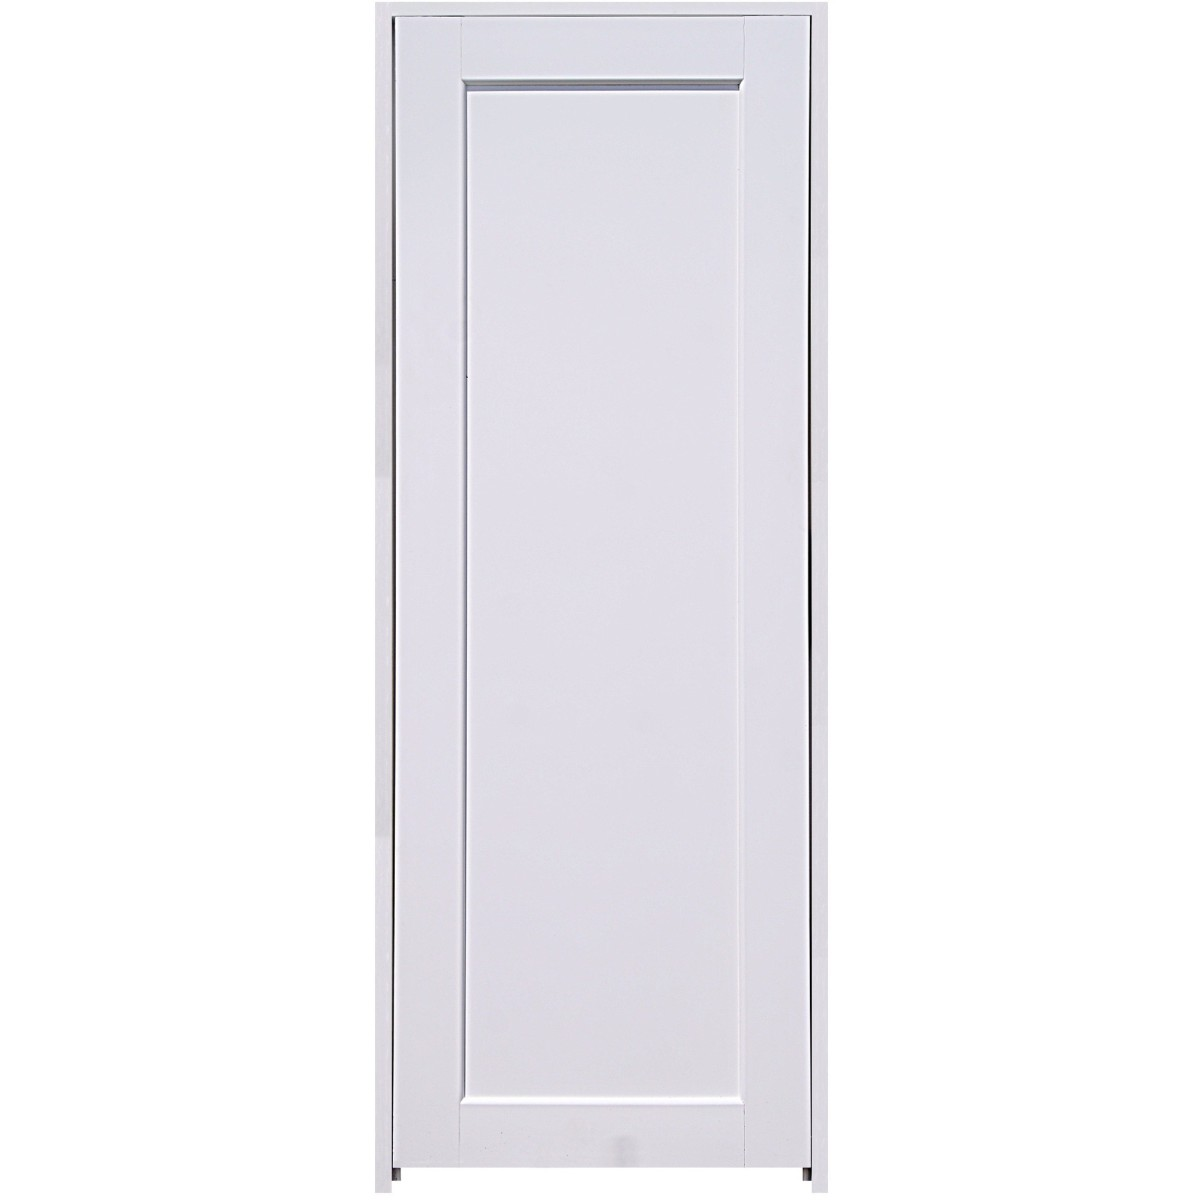 Блок дверной Аквапласт 90x200 см ПВХ с фурнитурой